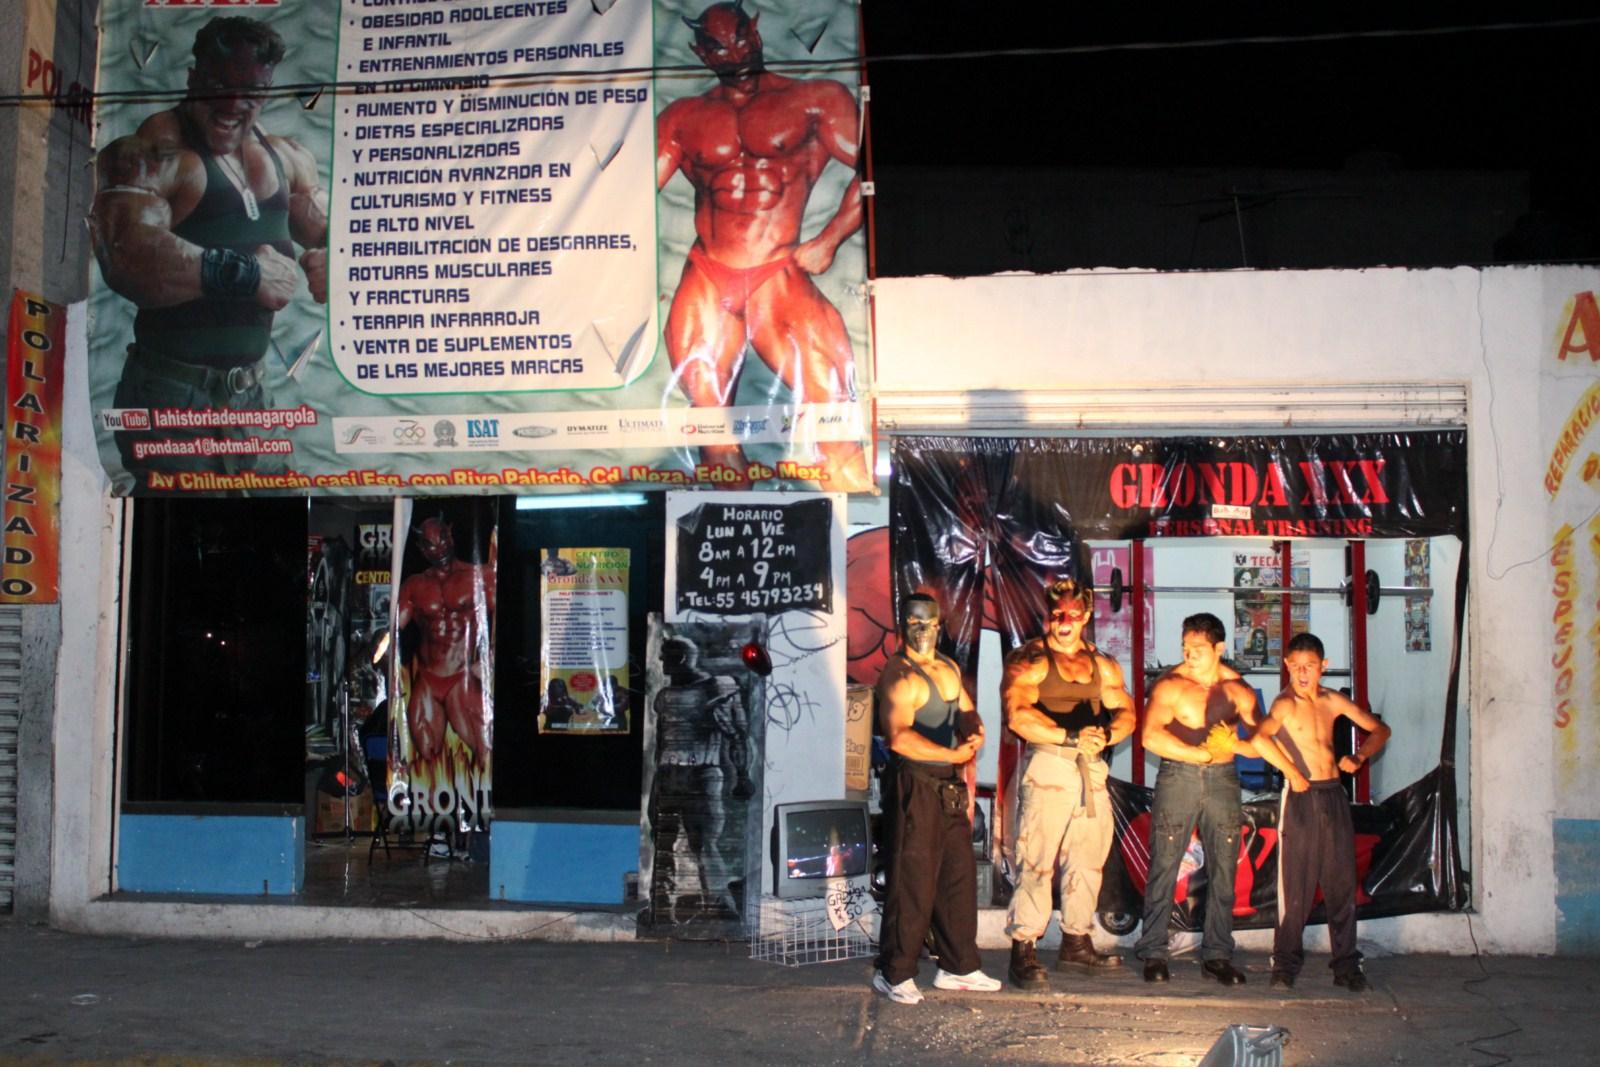 actrices porno latinas ciudad nezahualcoyotl